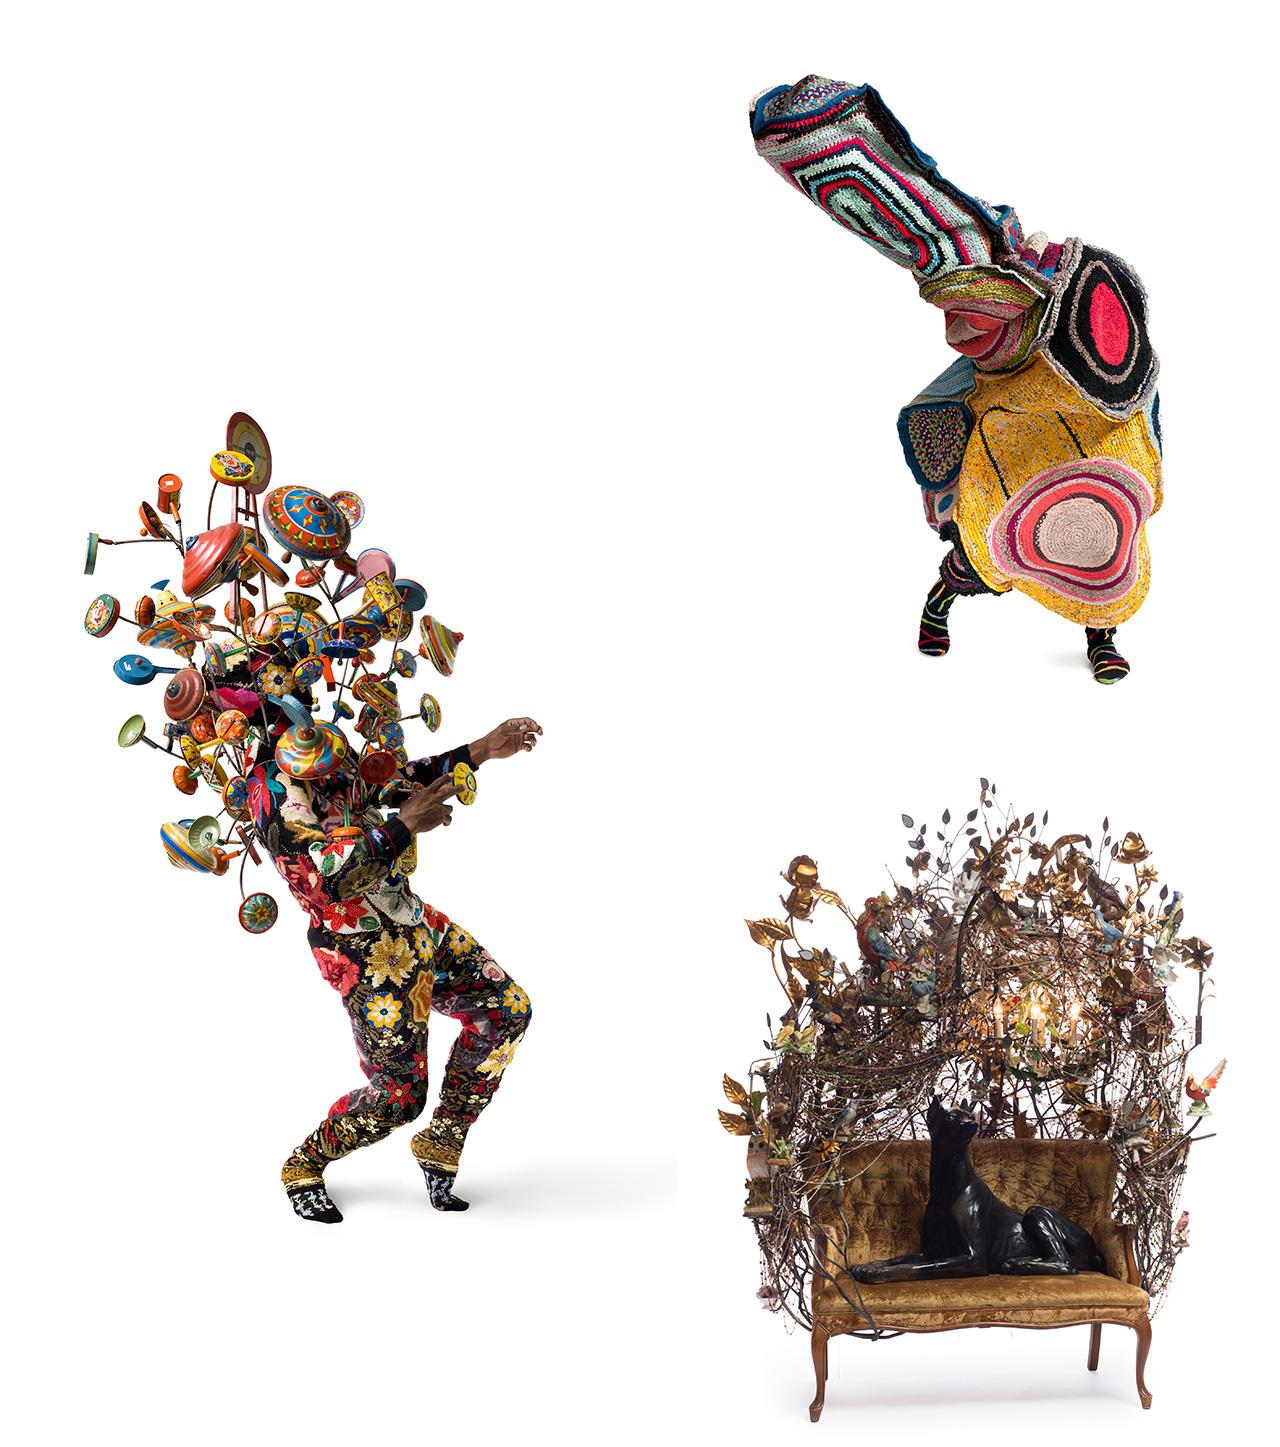 NickCaveSoundsuitsandsculpture